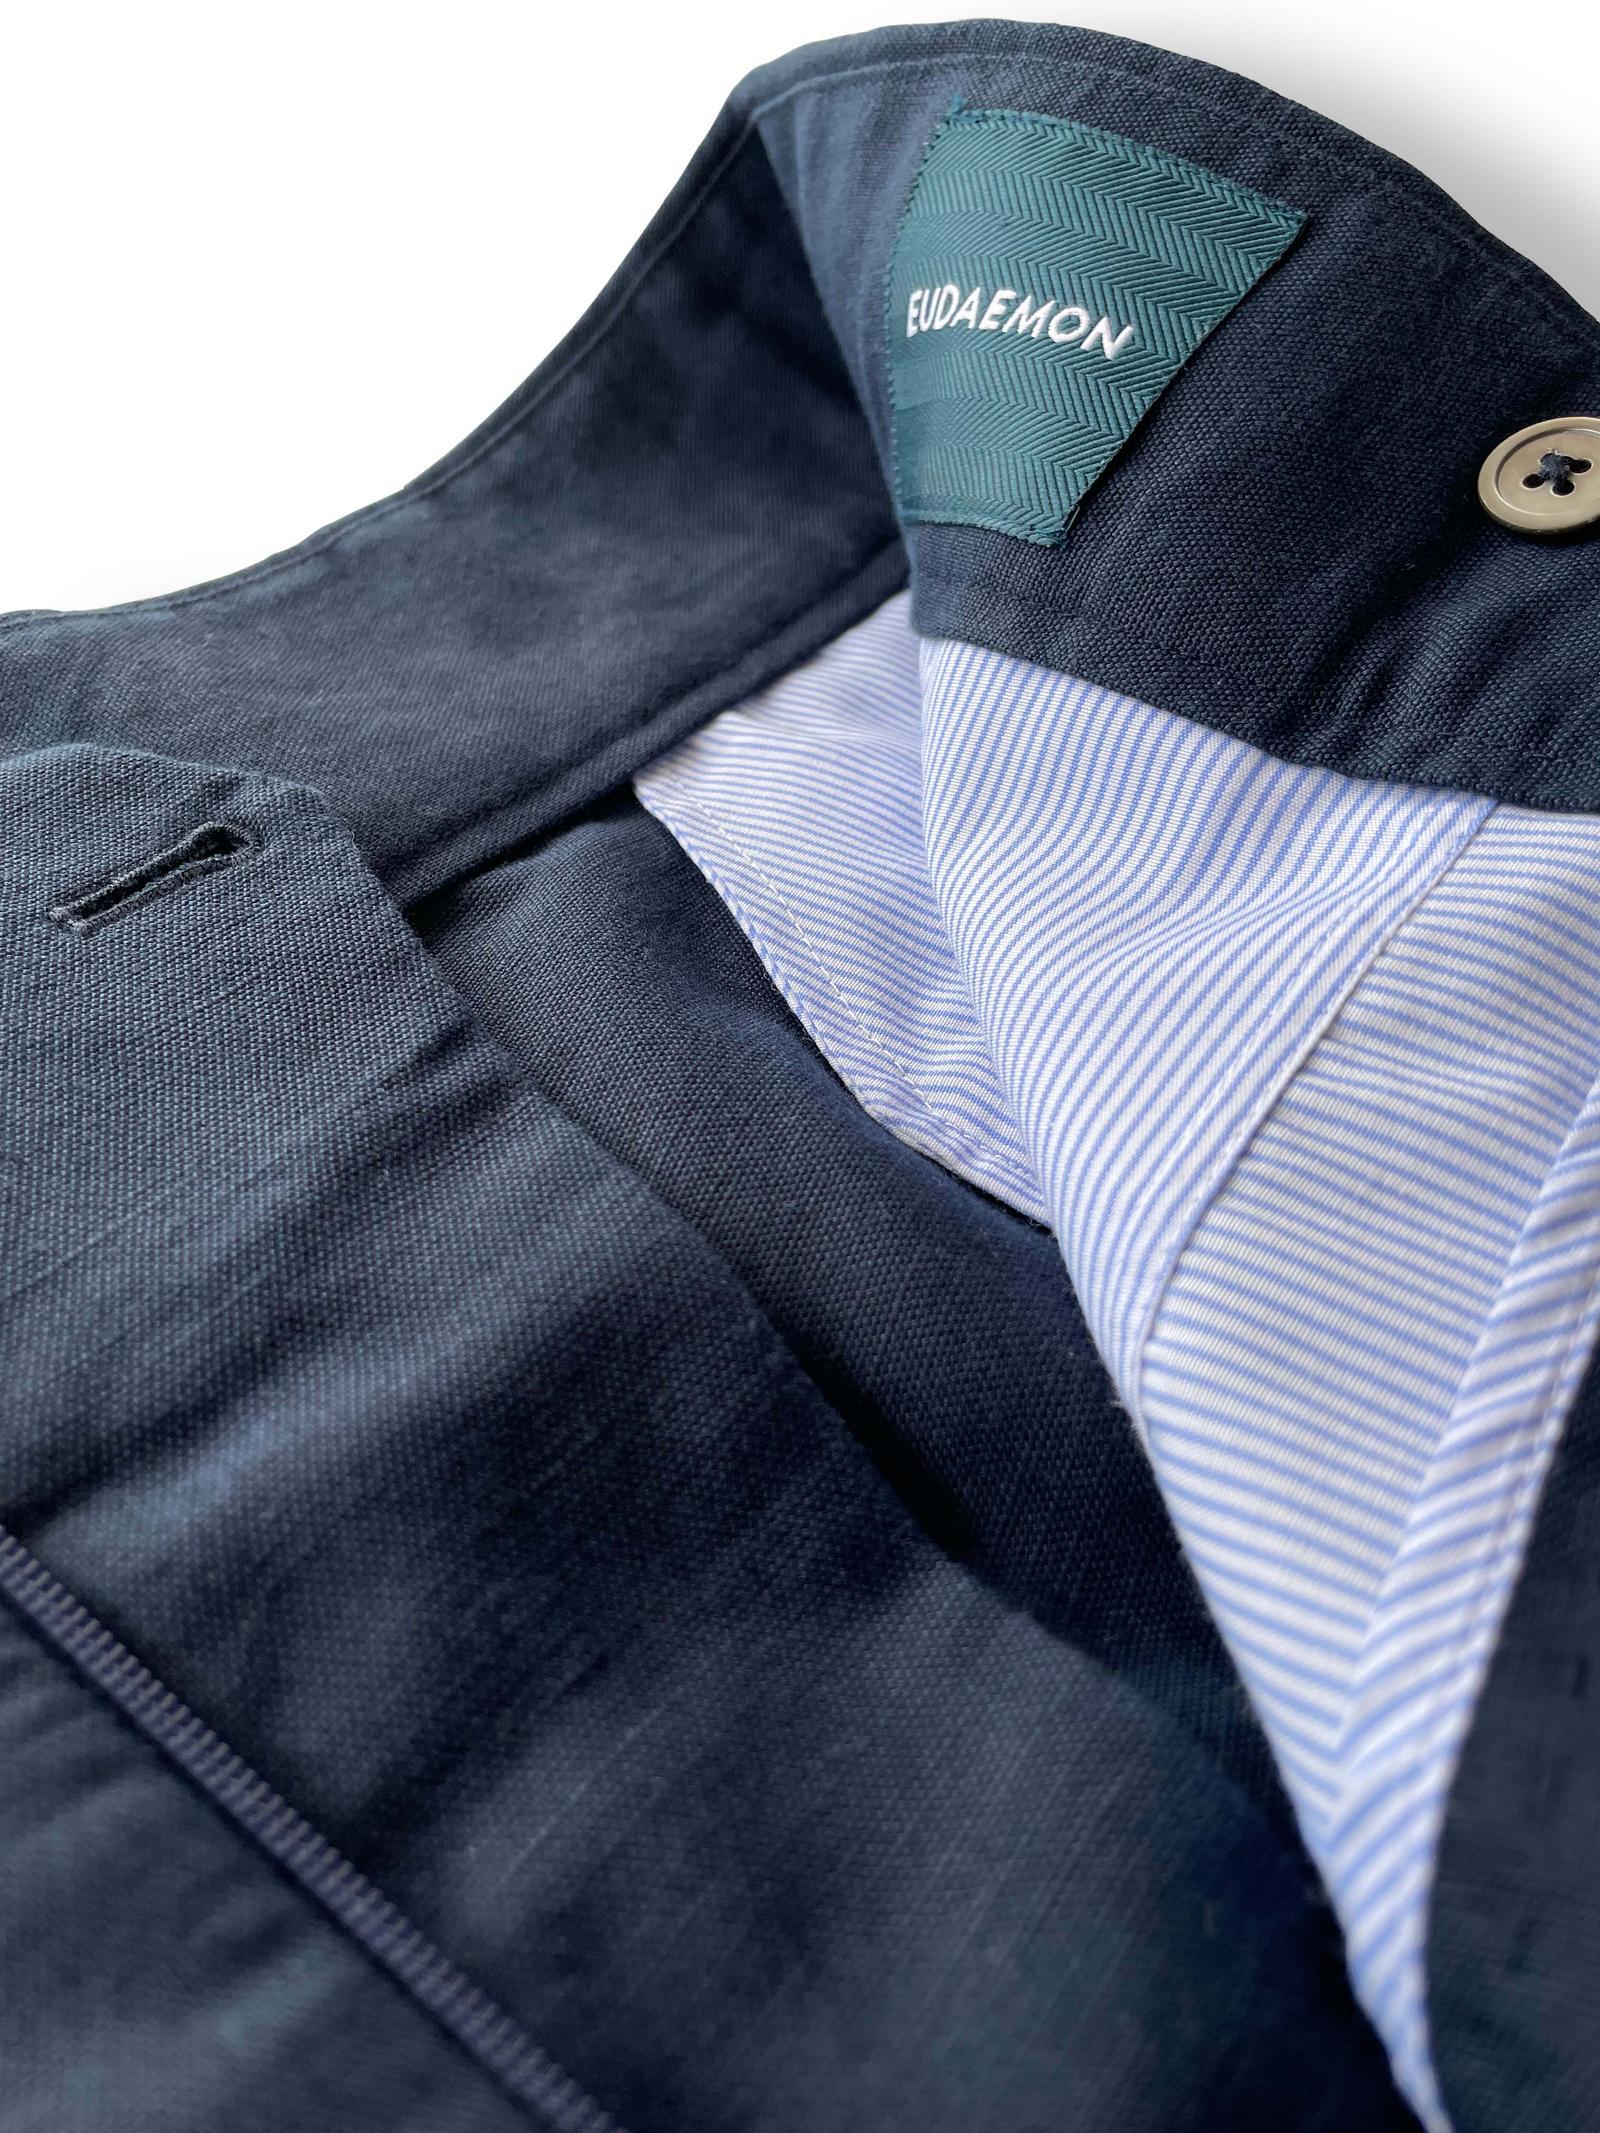 Gurkha Shorts - Blue Linen